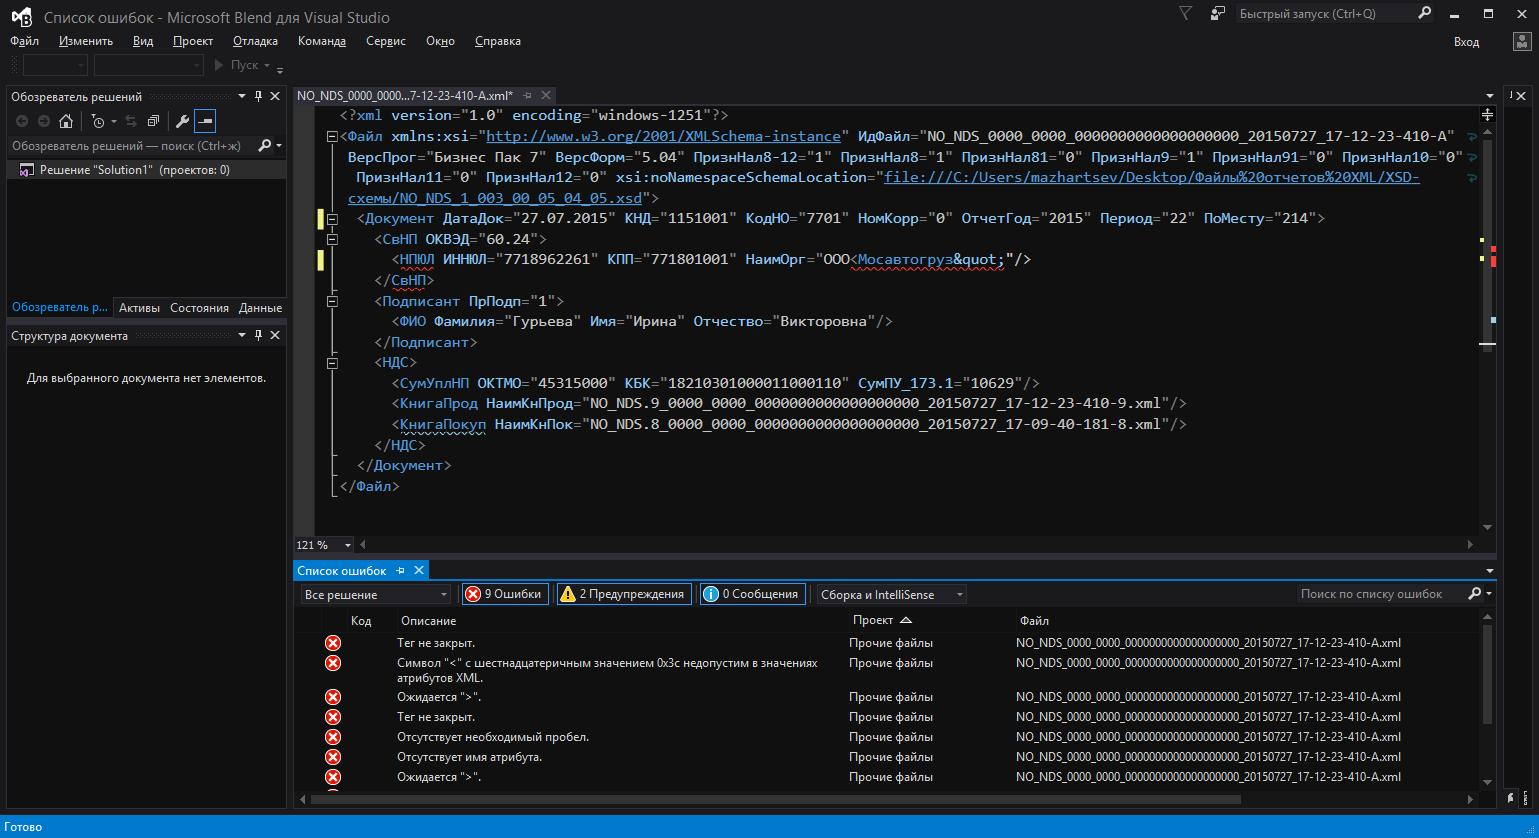 Проверка xml файла по xsd схеме